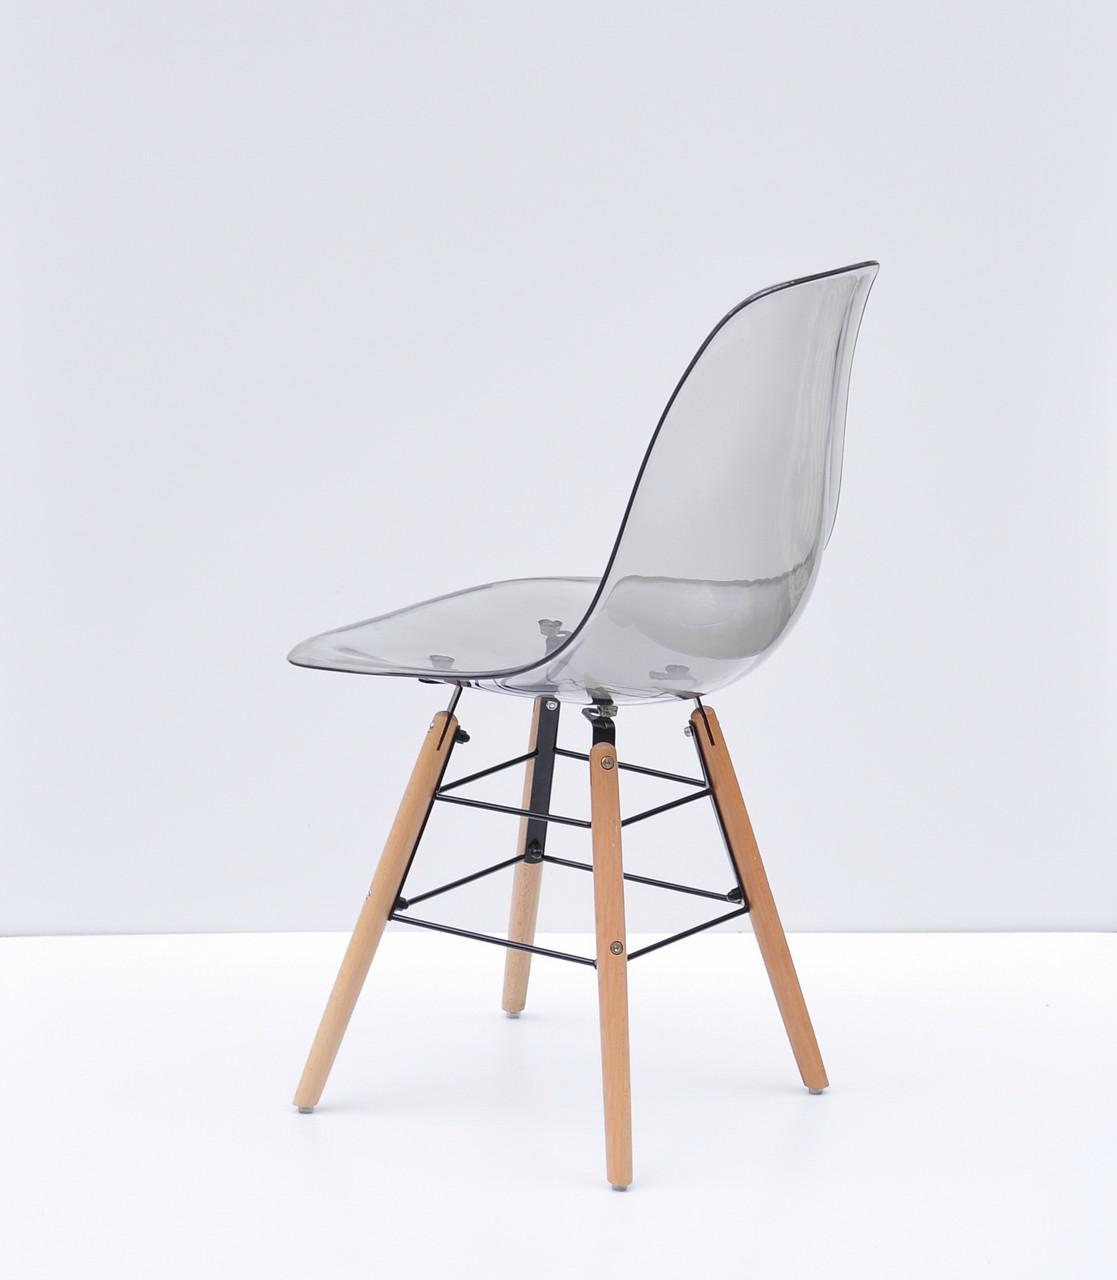 Дымчатый стул пластиковый на буковых ножках с черным металлом Nik Q